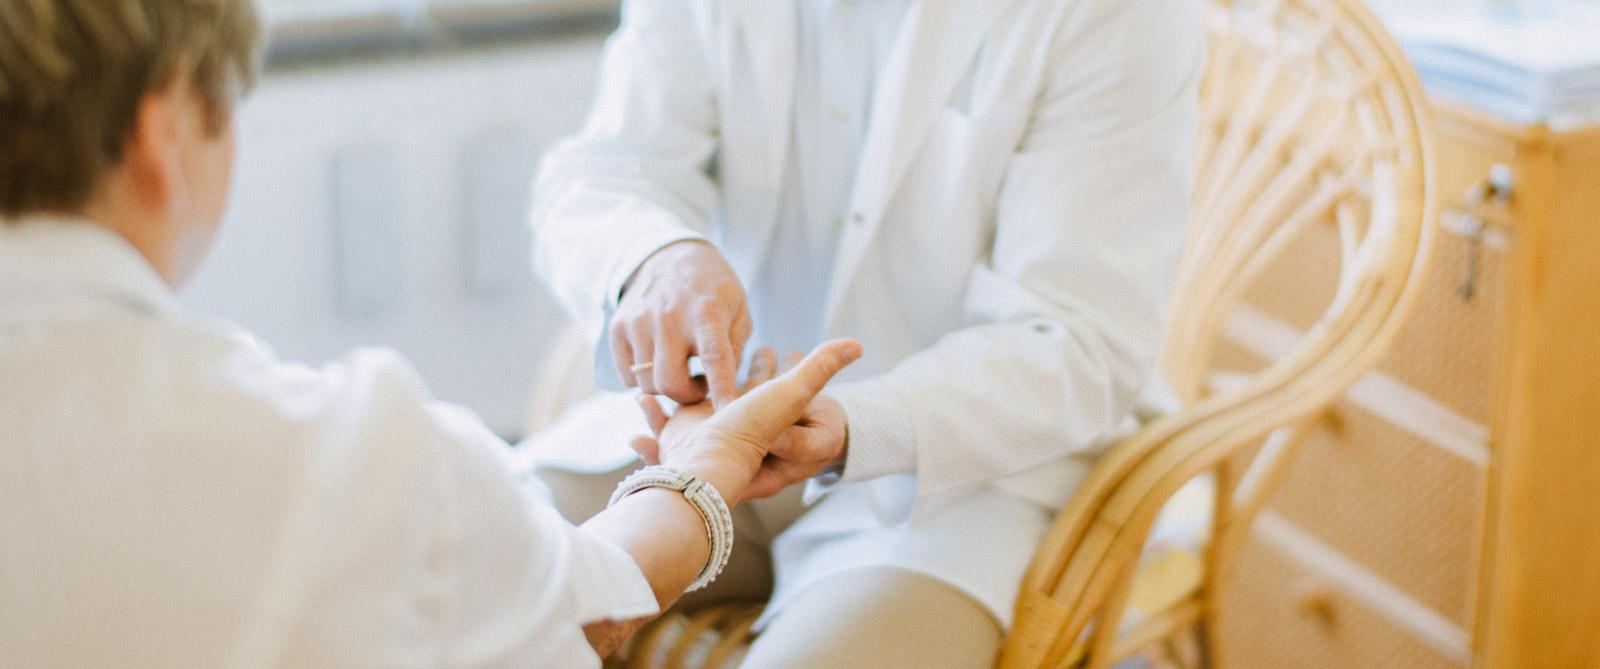 RETINITIS-PIGMENTOSA-therapie-konstanz-am-bodensee